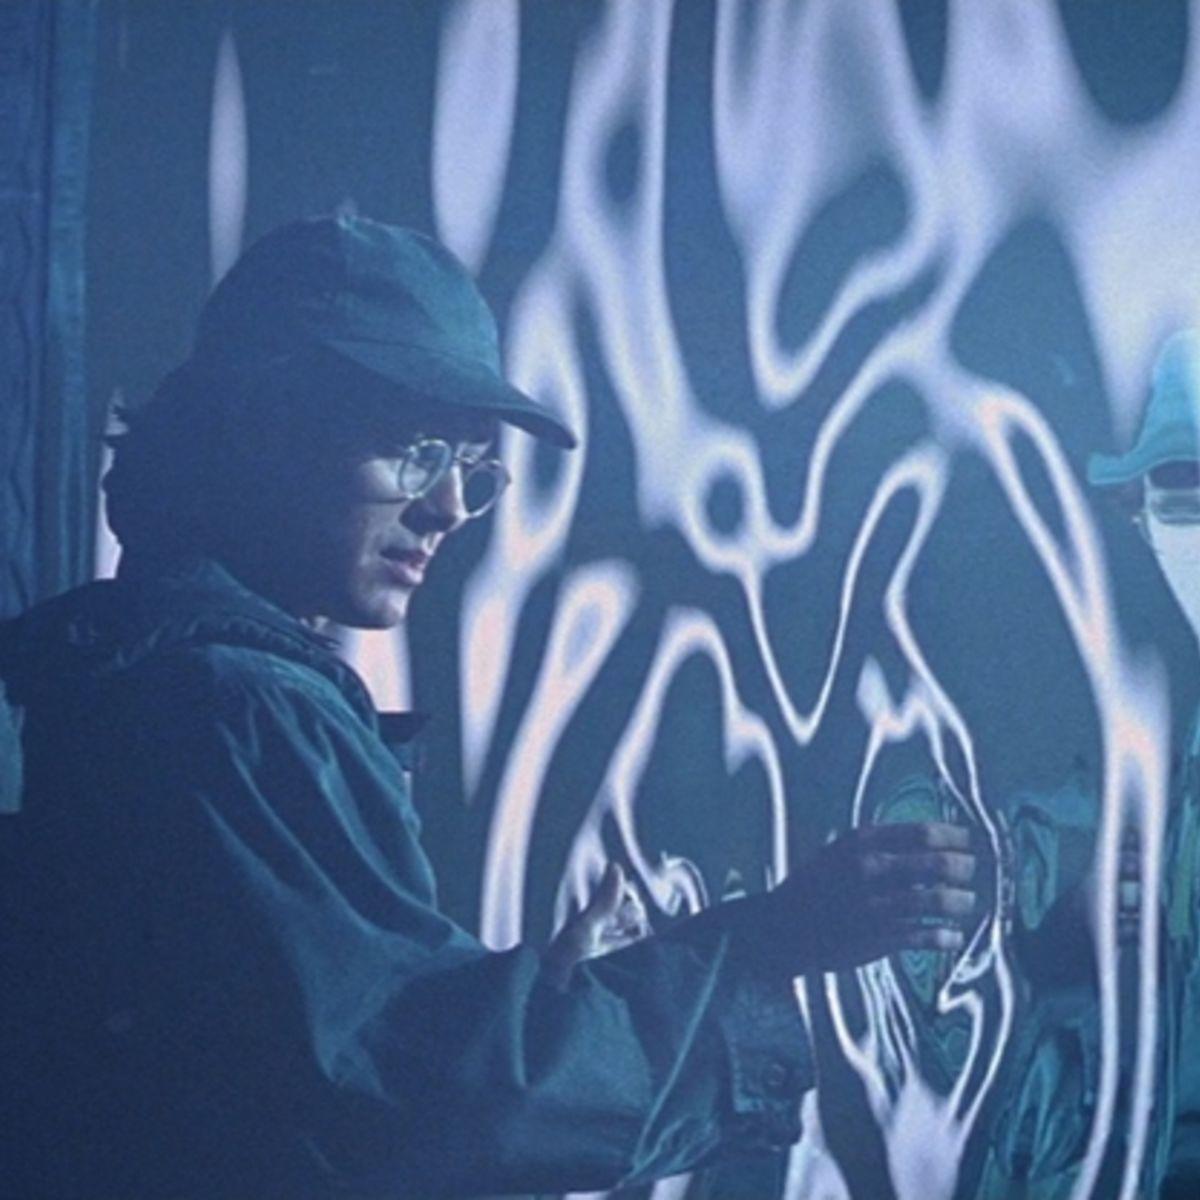 Stargate-Spader.jpg